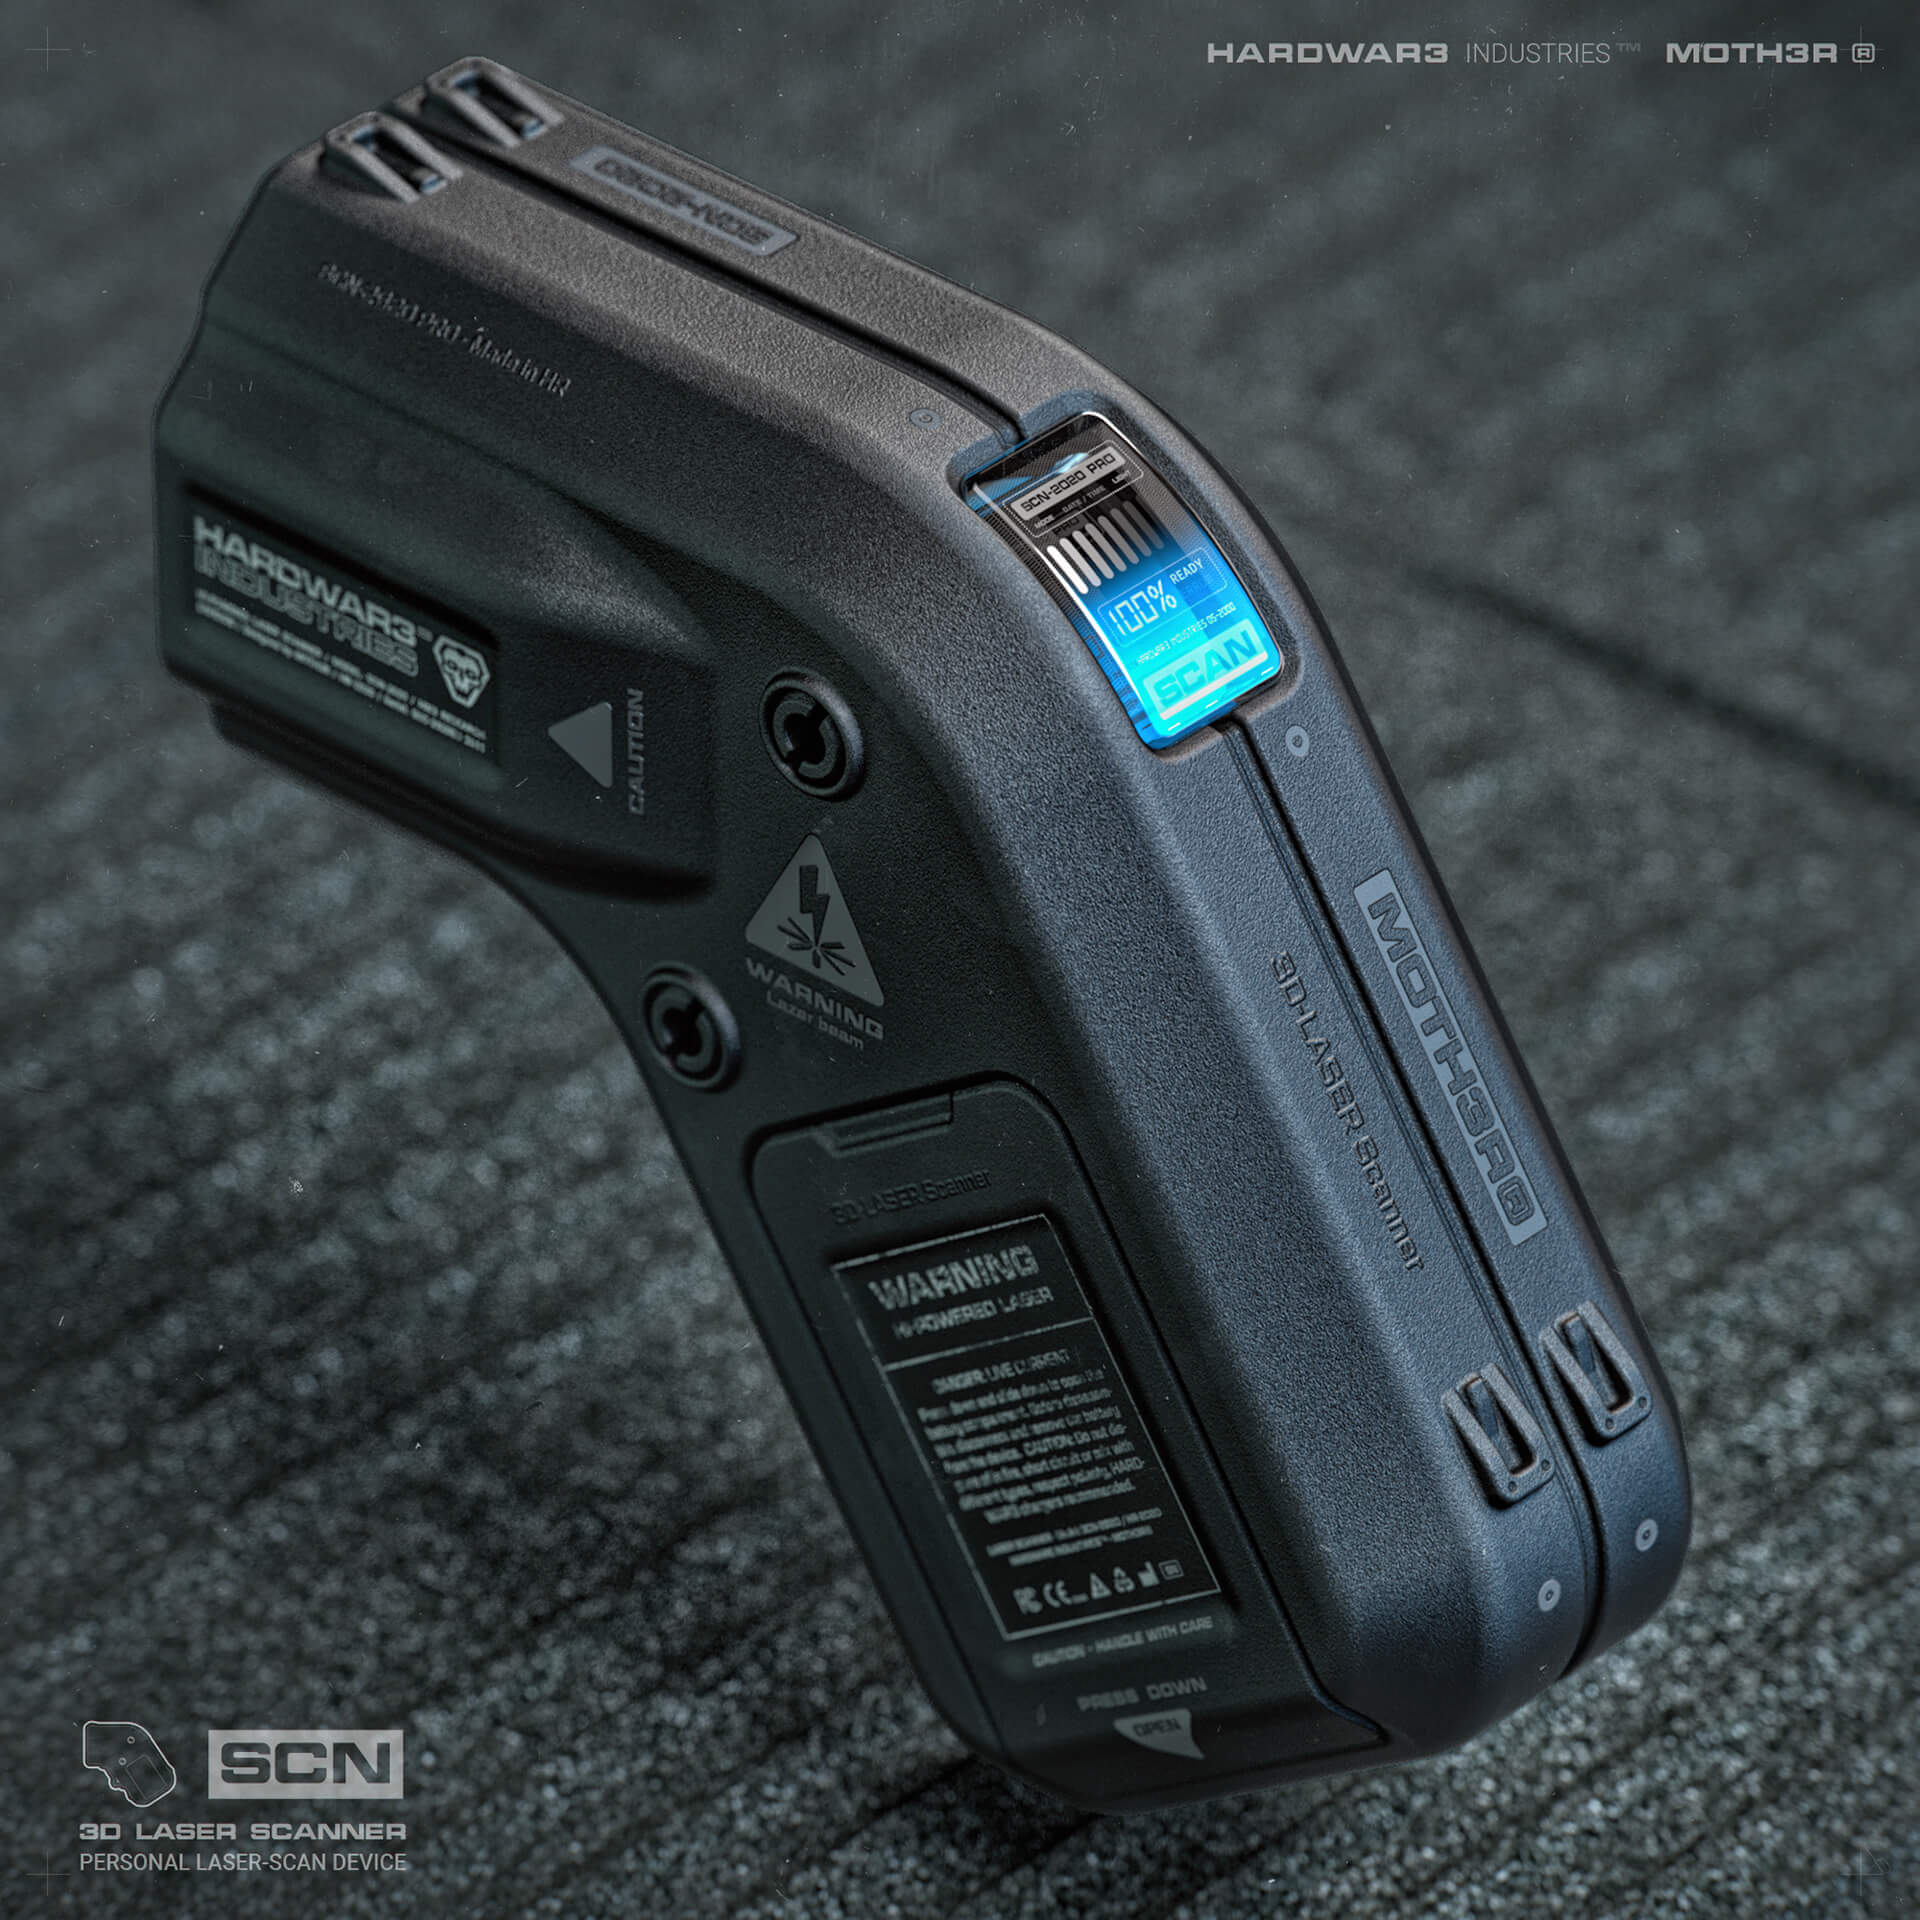 Scanner-001.60